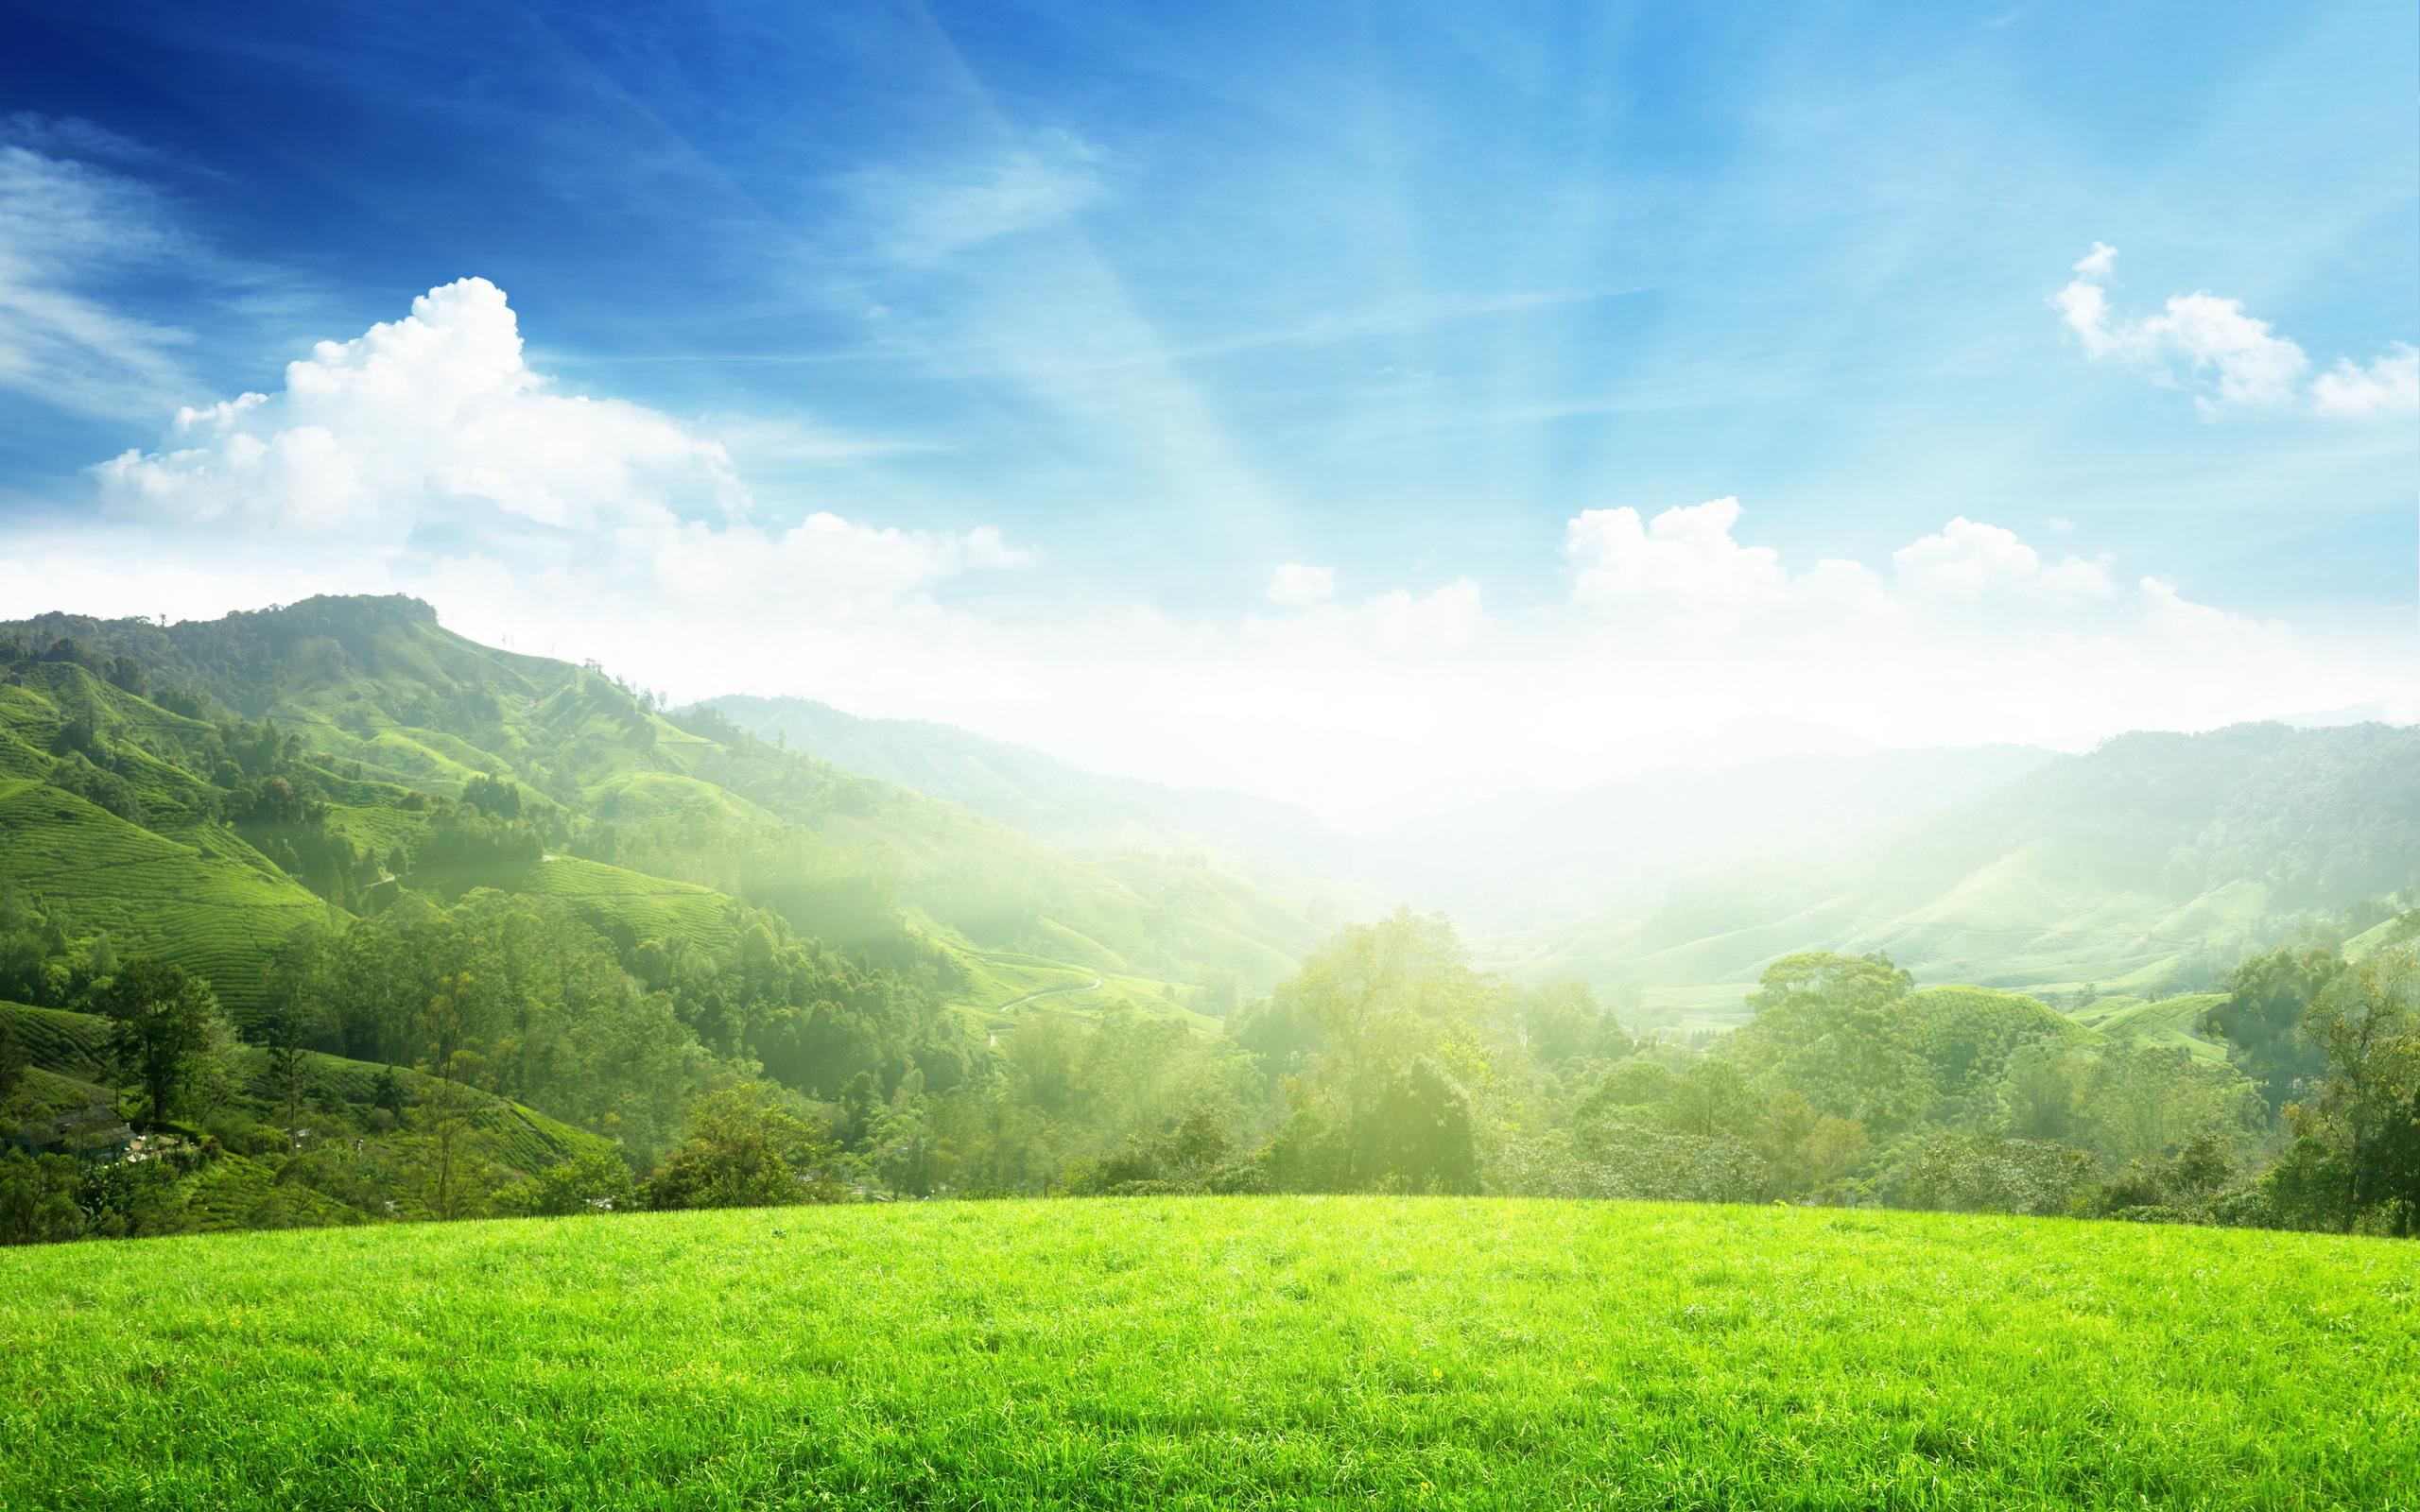 Картинки солнечной погоды